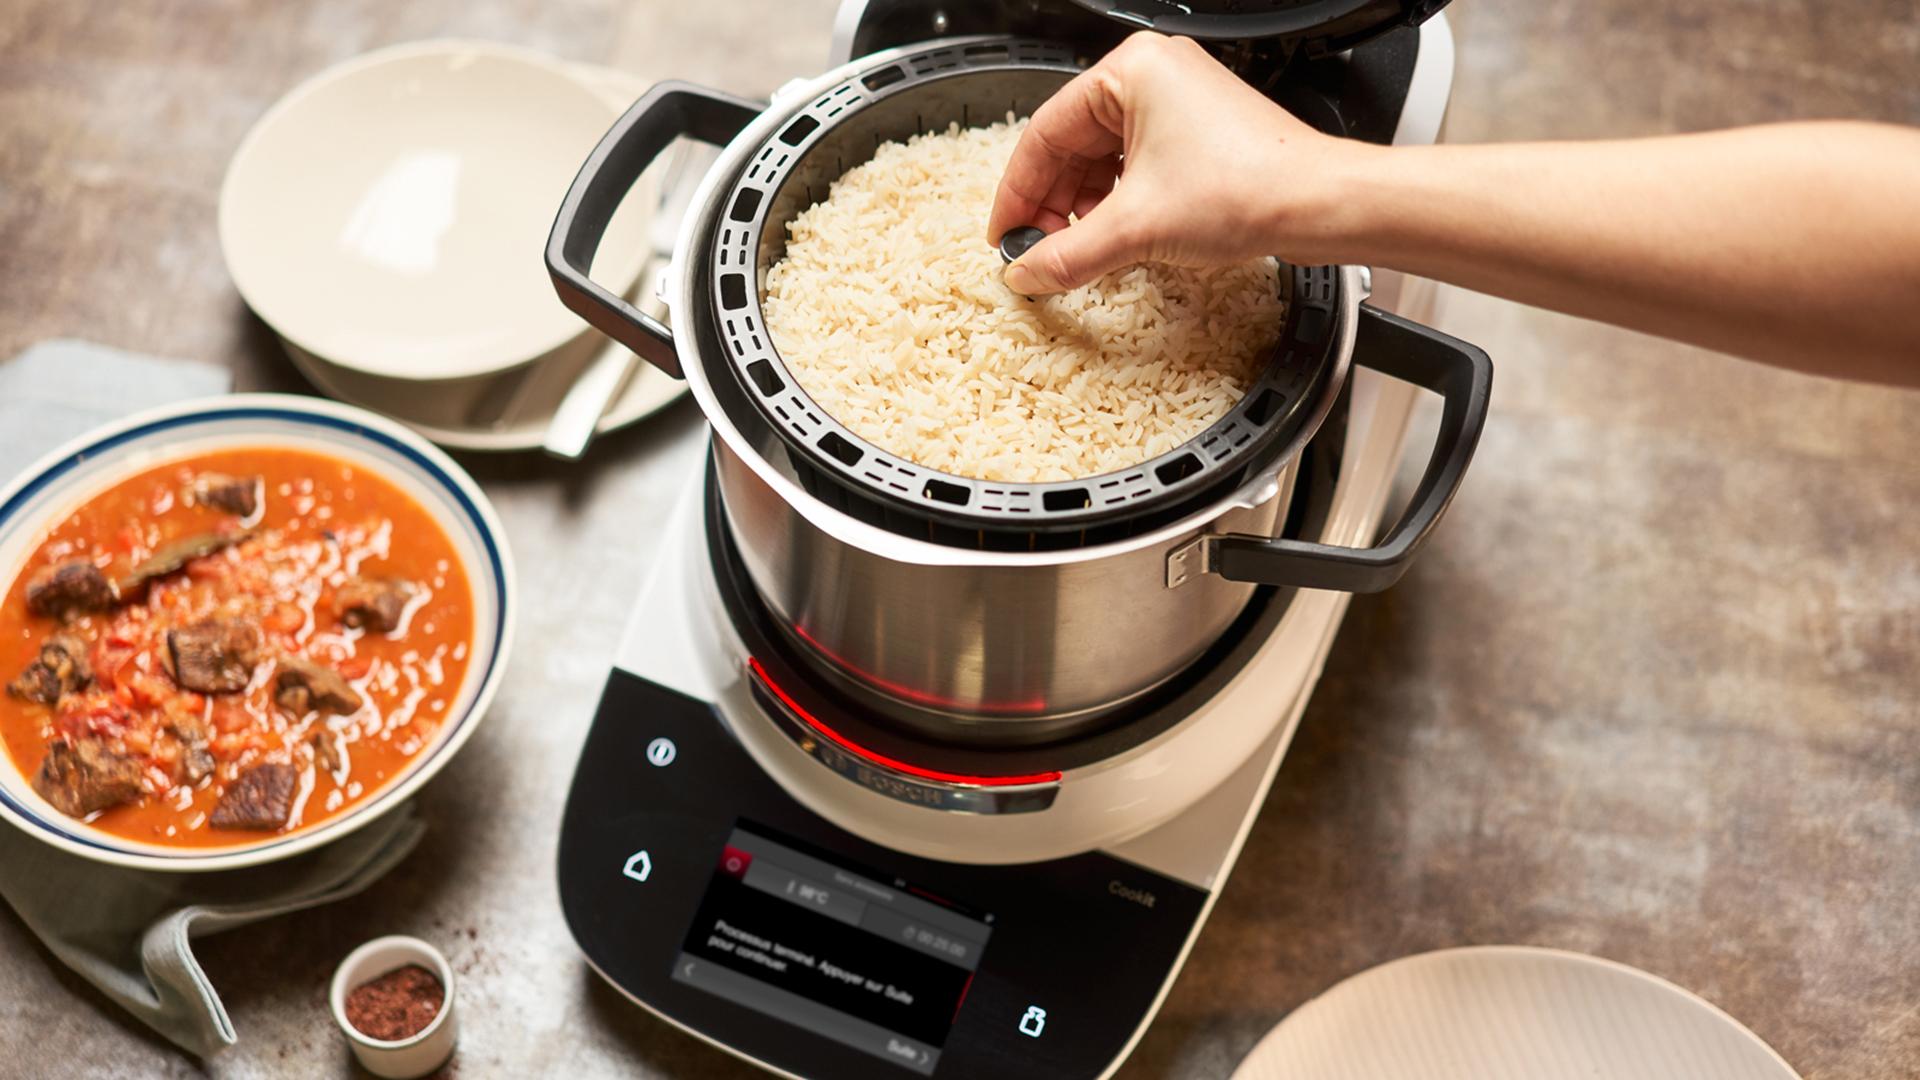 Bosch Küchenmaschine Vergleich 2021